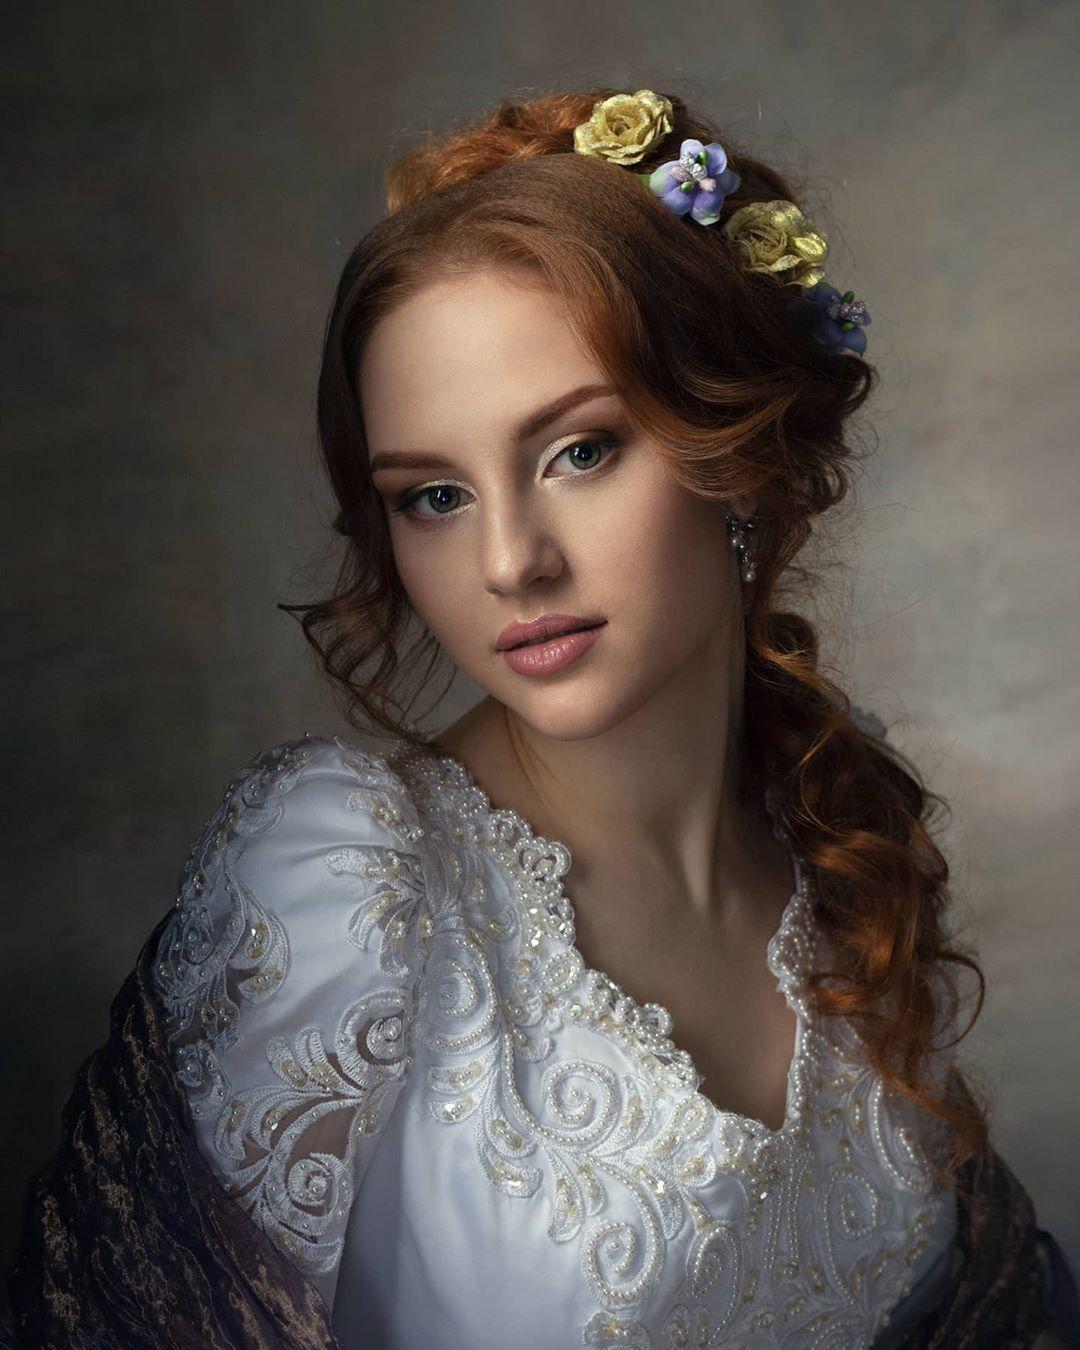 Выразительные портреты девушек от Дмитрия Луцевича